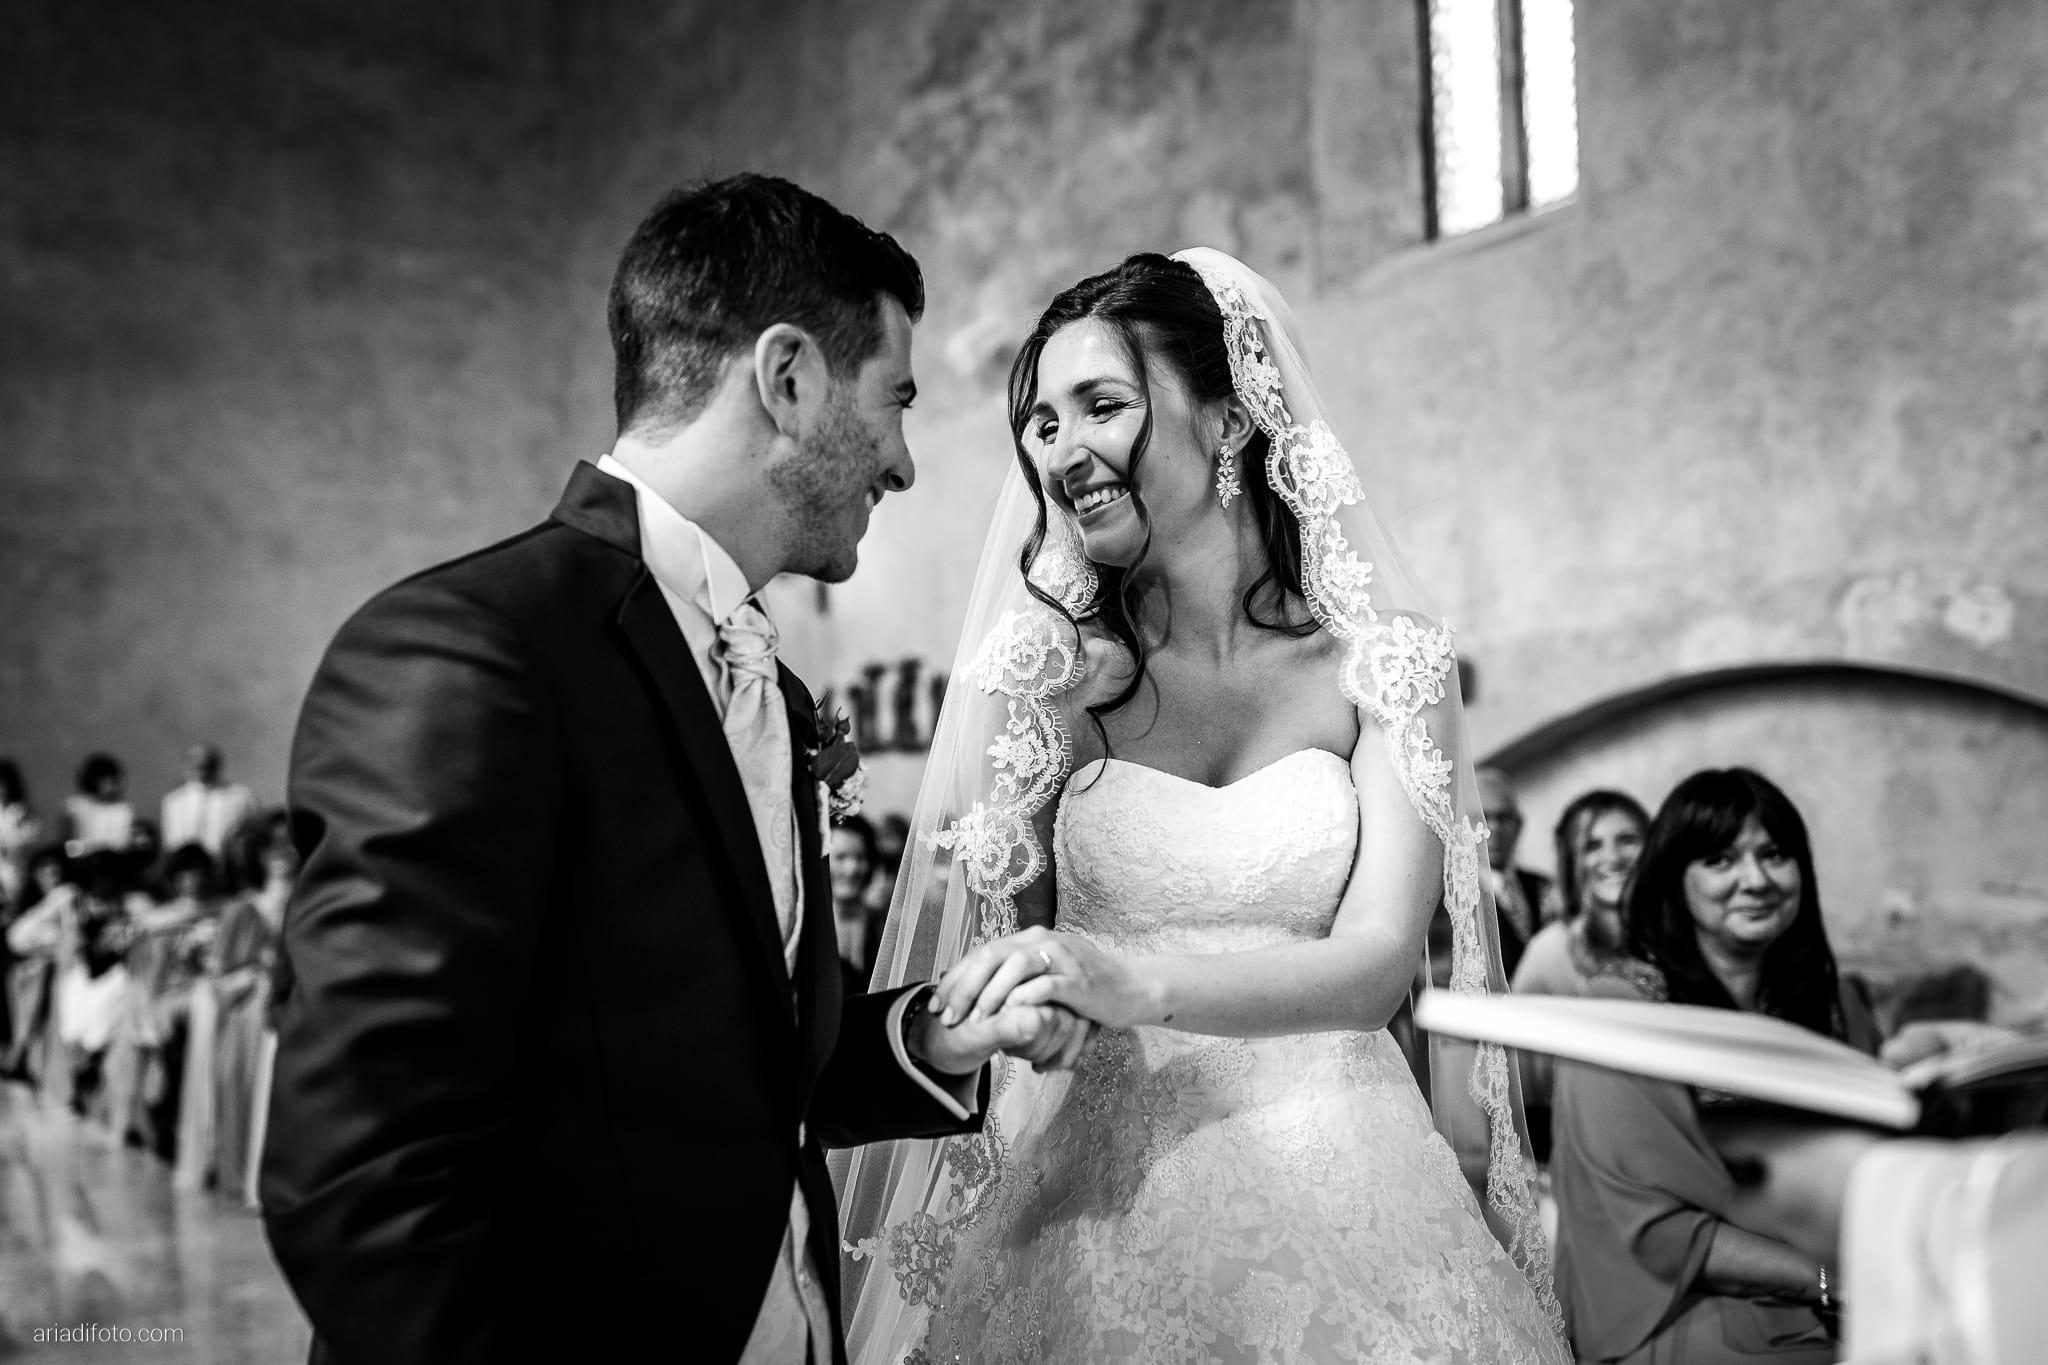 Giulia Alessandro Matrimonio Duino Trieste Baronesse Tacco San Floriano Del Collio Gorizia cerimonia promesse scambio degli anelli